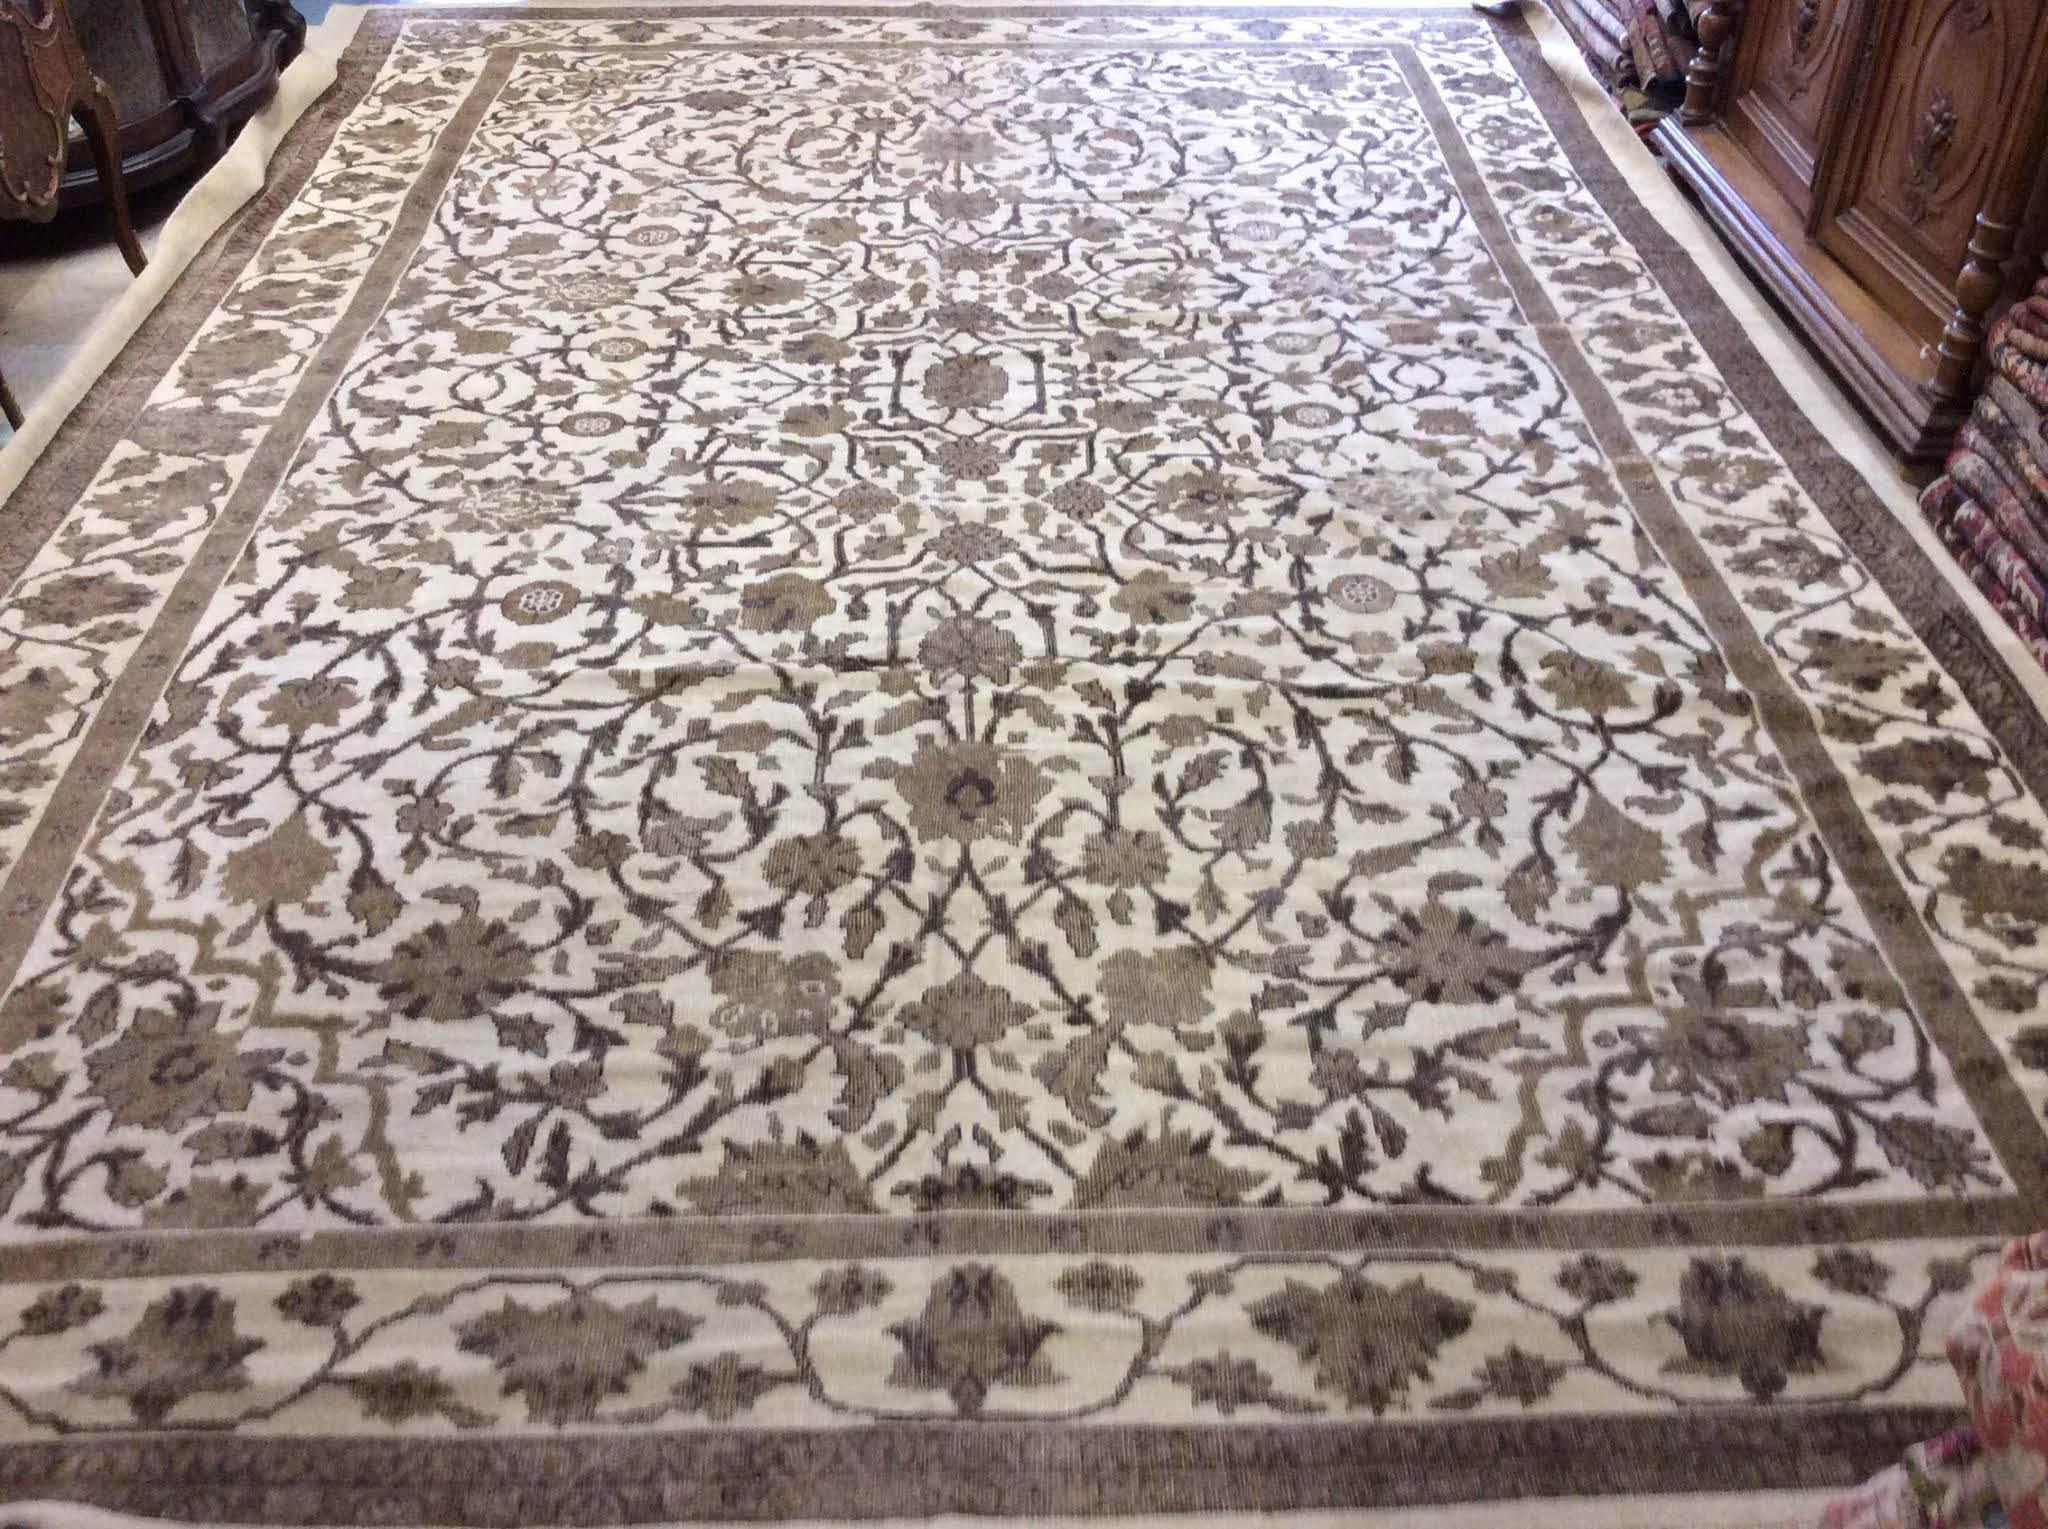 multi-color Moroccan rug at Rug Looms in Los Angeles